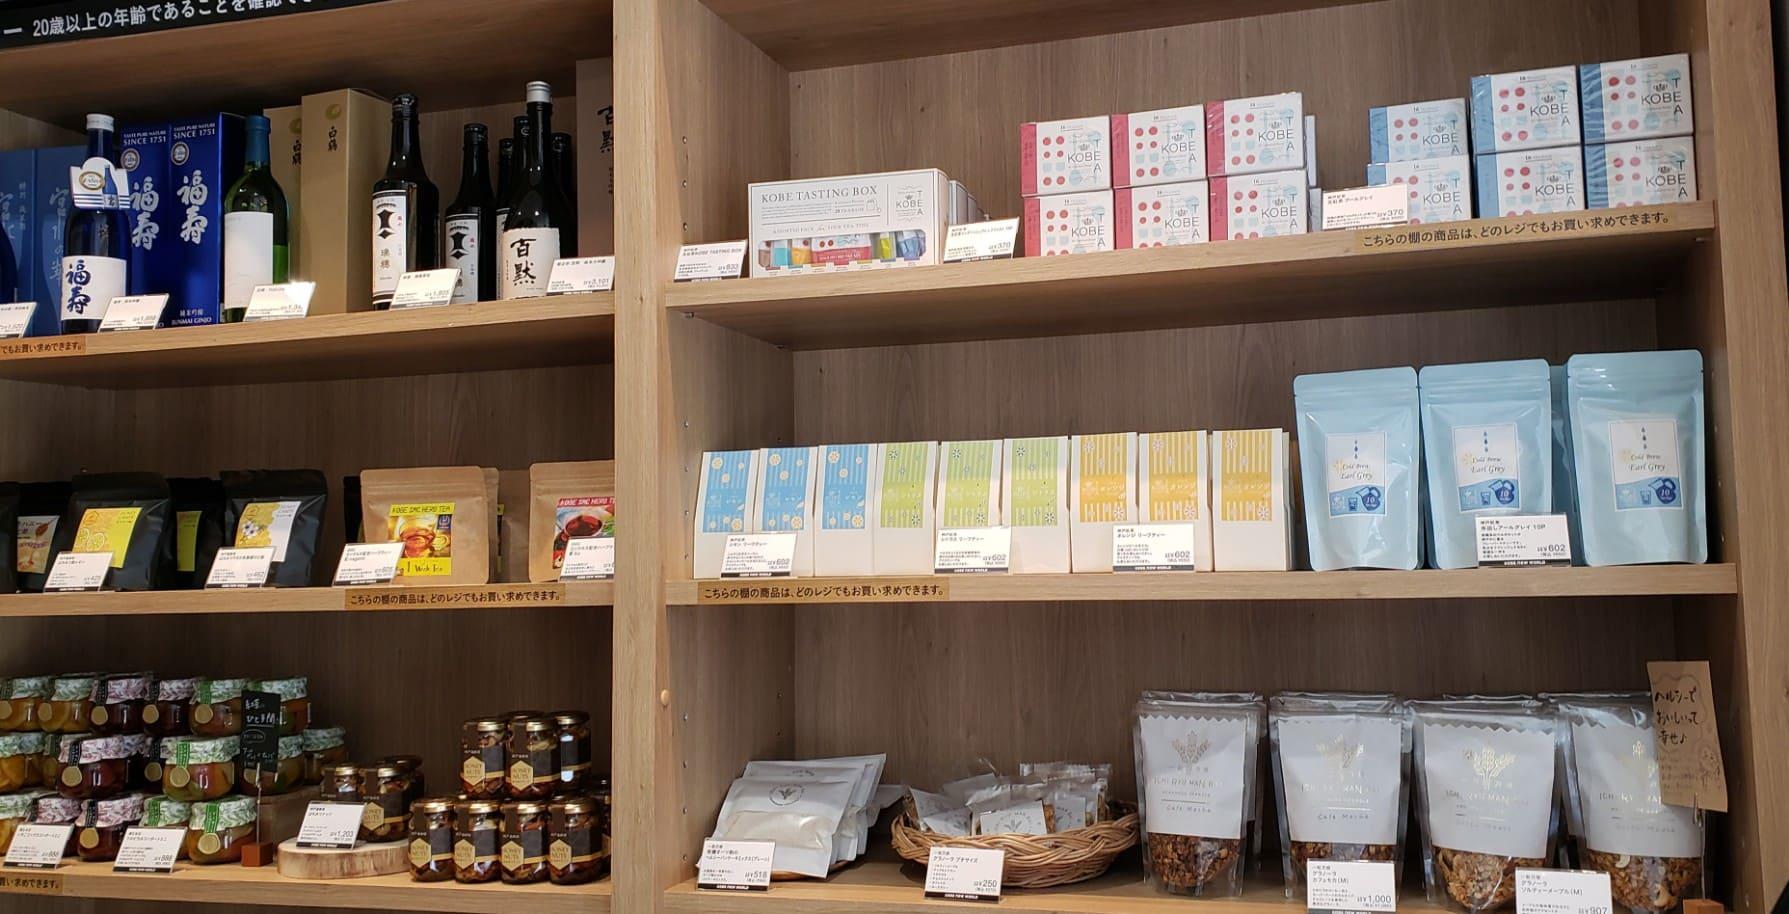 神戸ブランドのお酒、紅茶、やお店のオリジナル商品も、デイスプレーされていて、購入もできます。